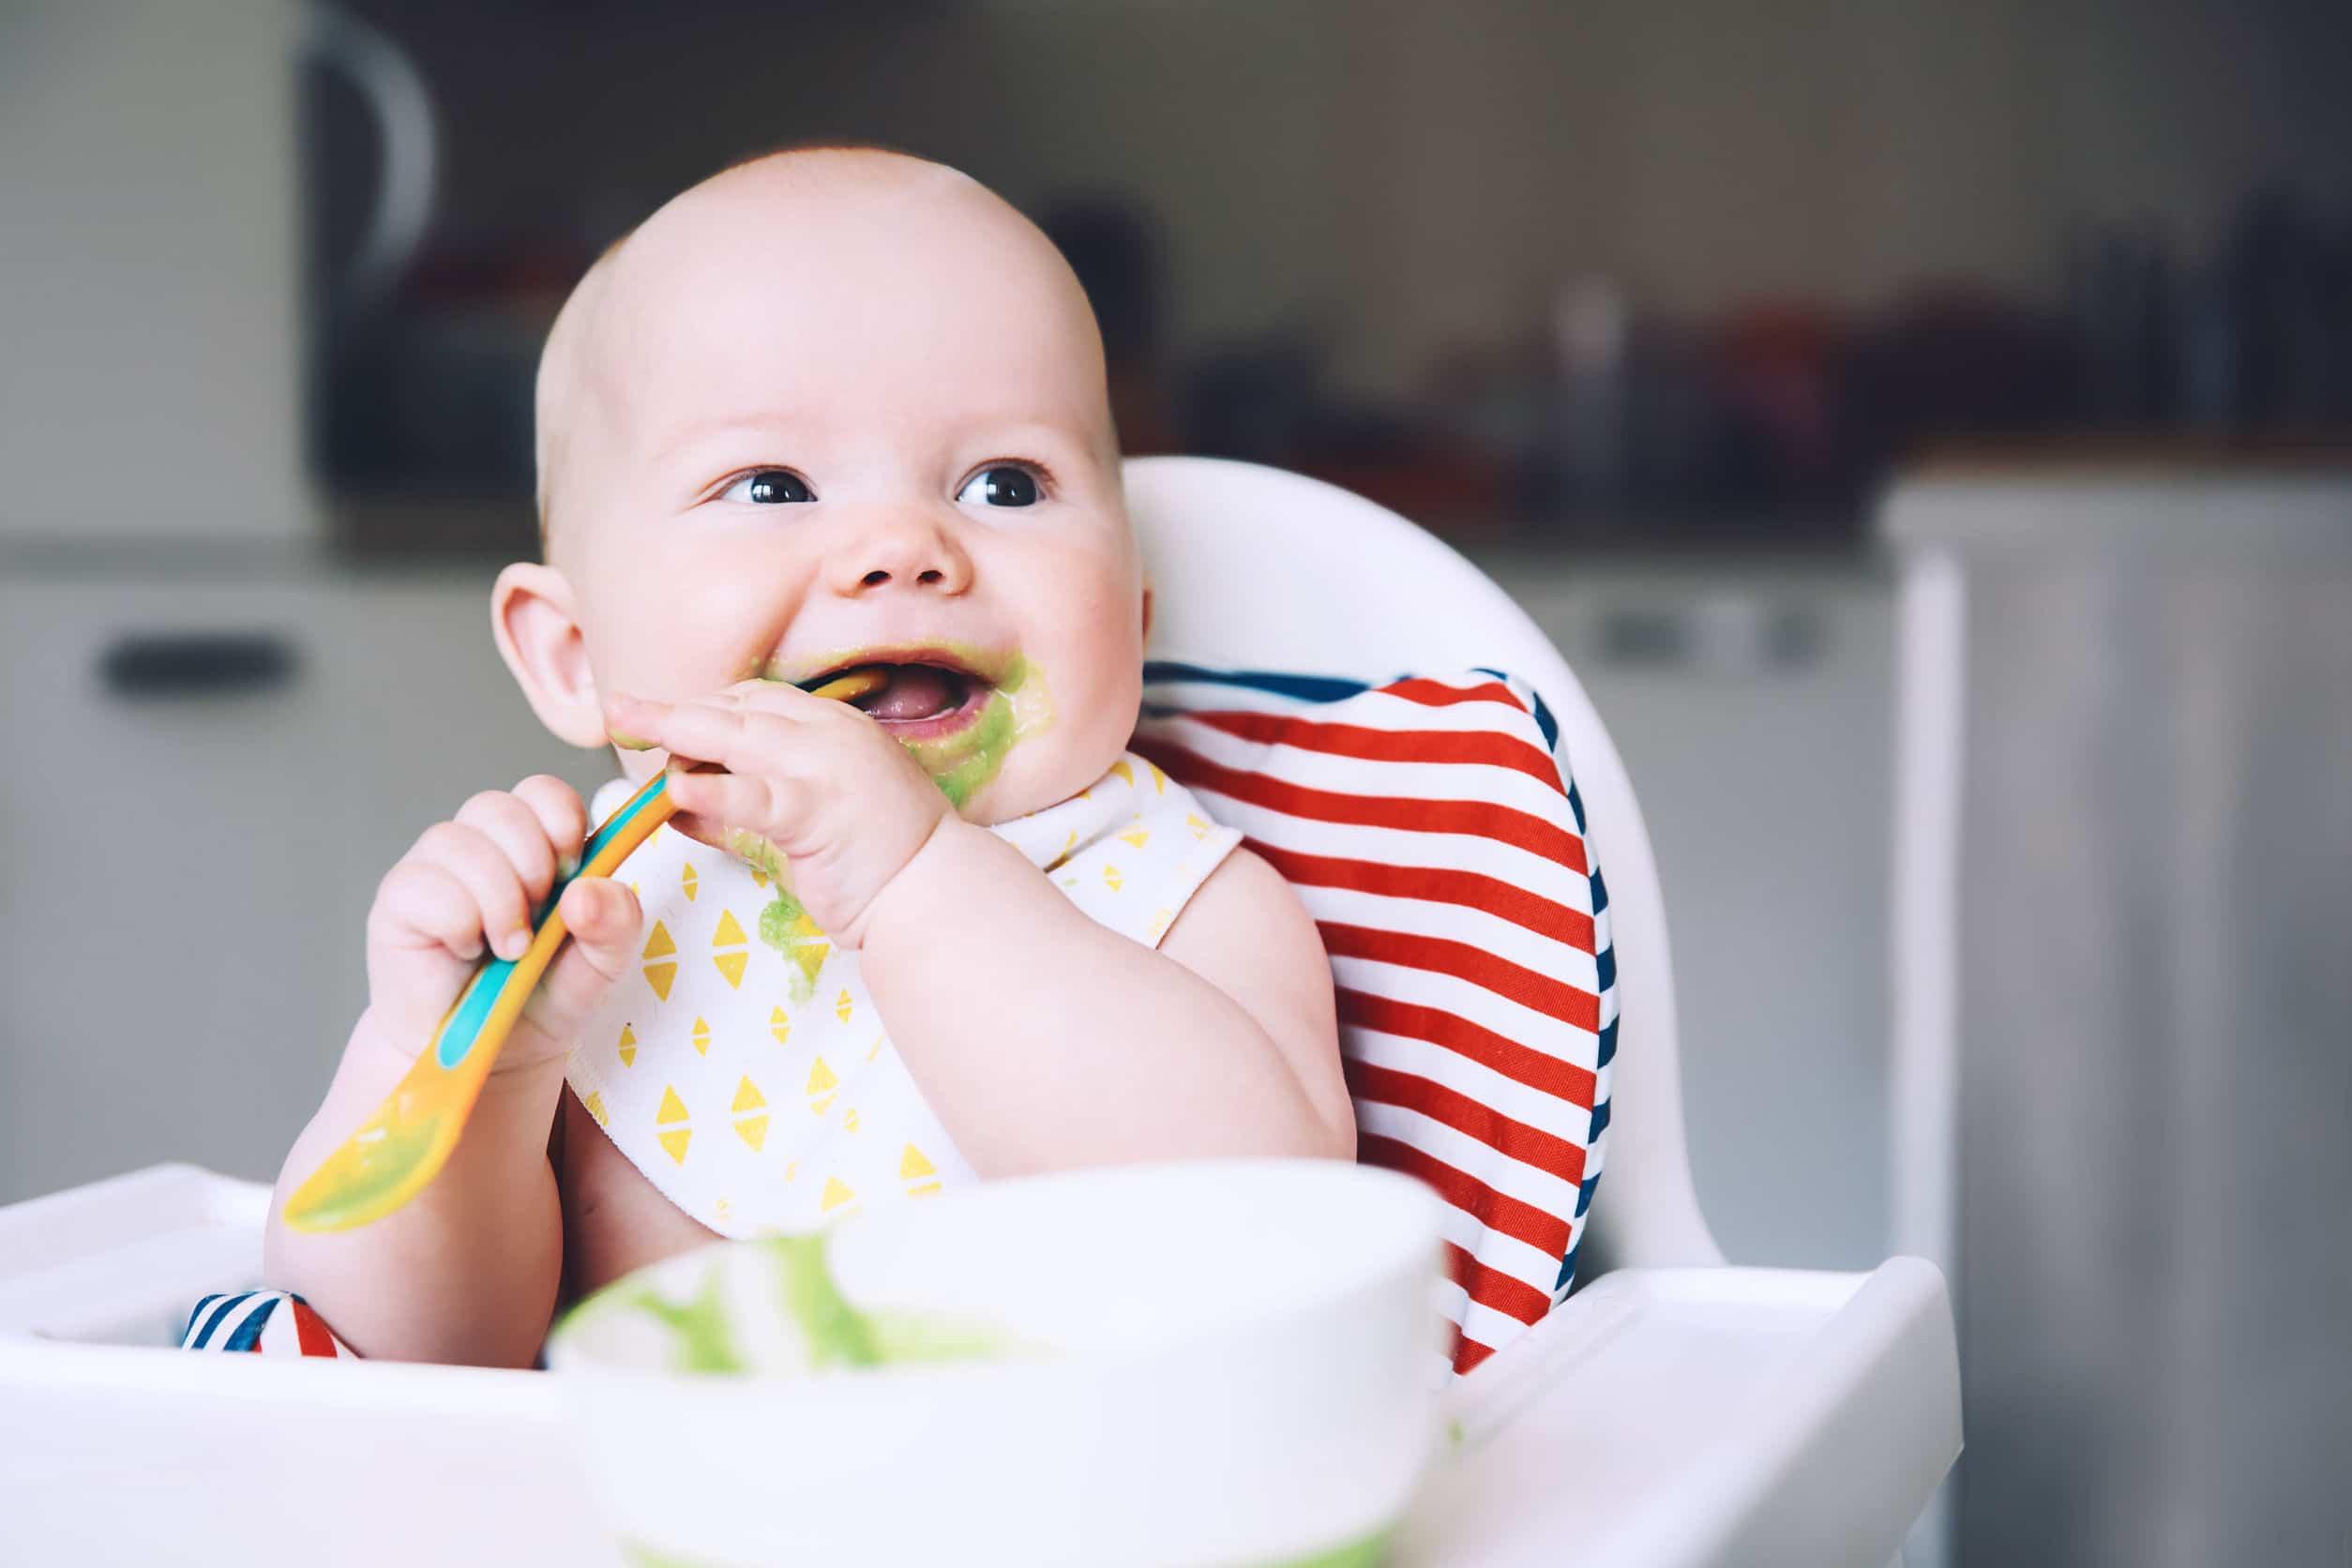 niemowlę jedzenie